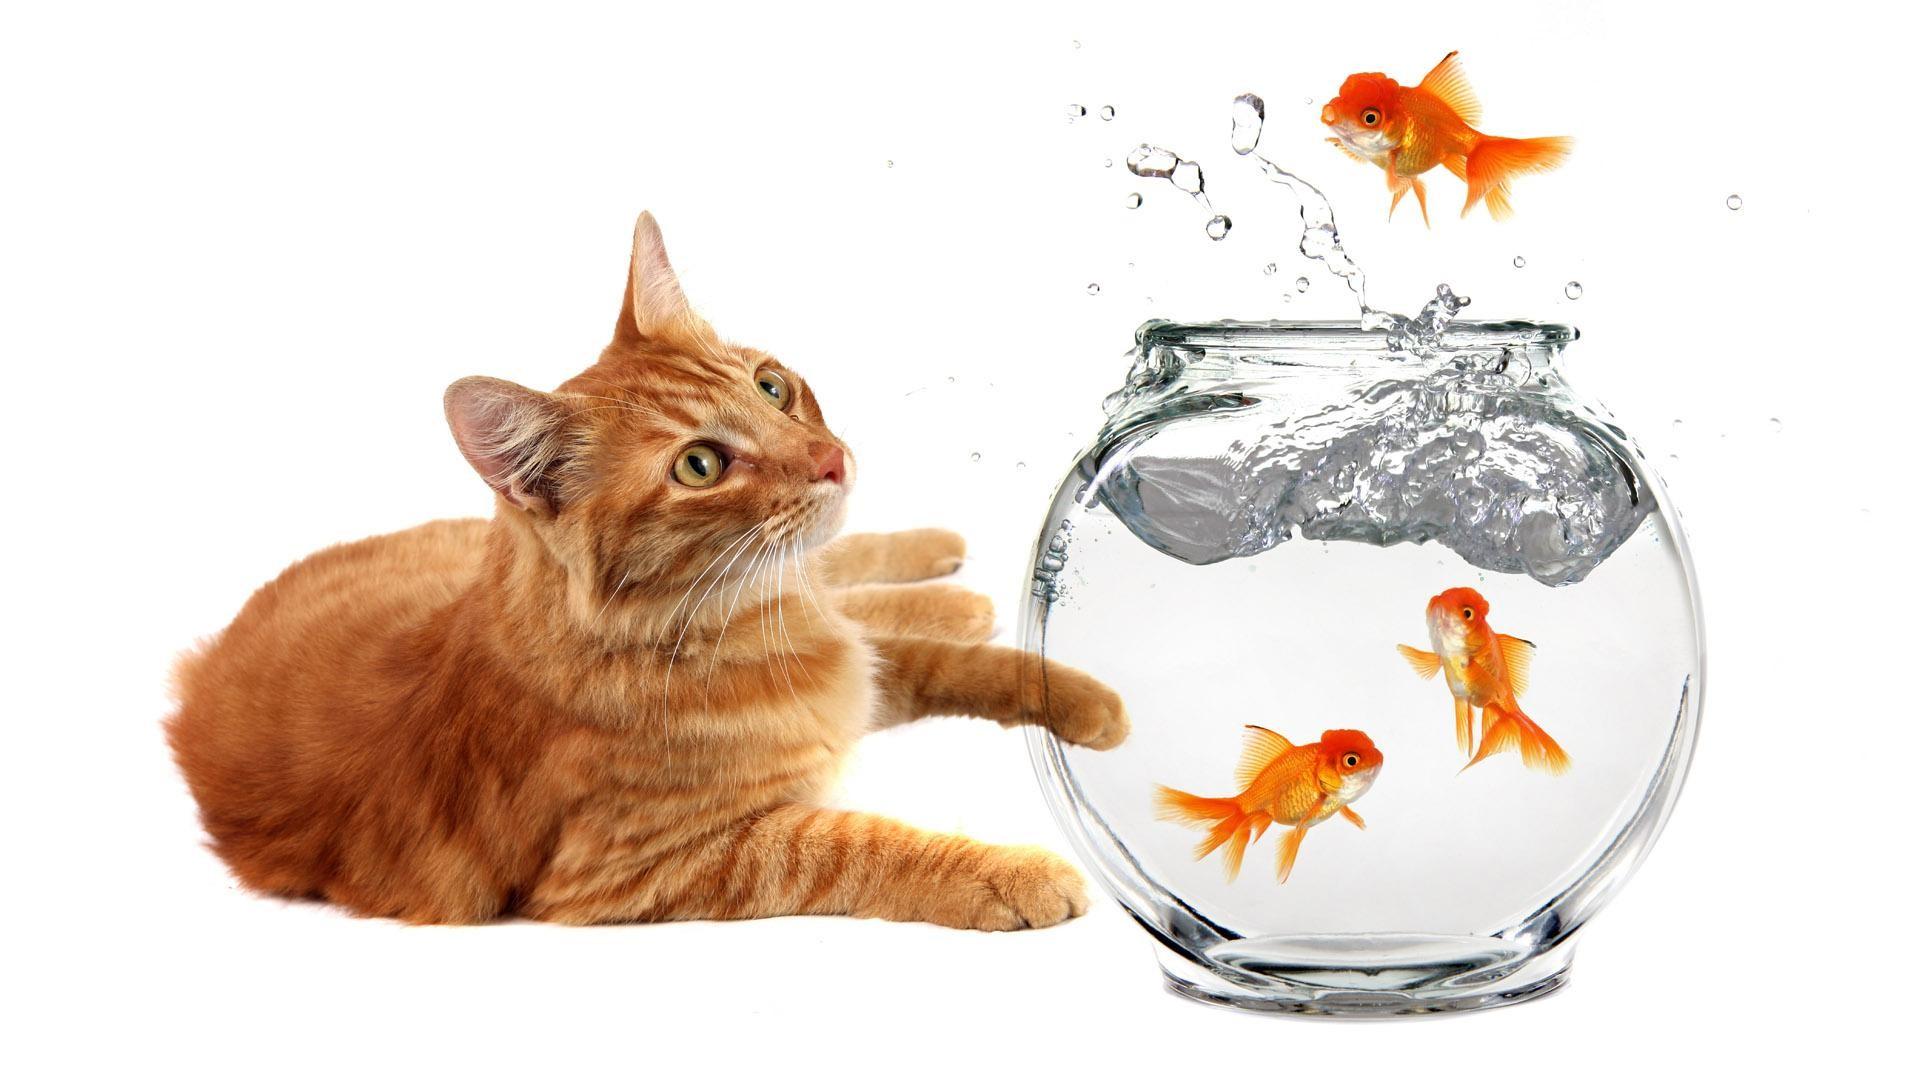 Funny Cartoon Cat 12 Widescreen Wallpaper